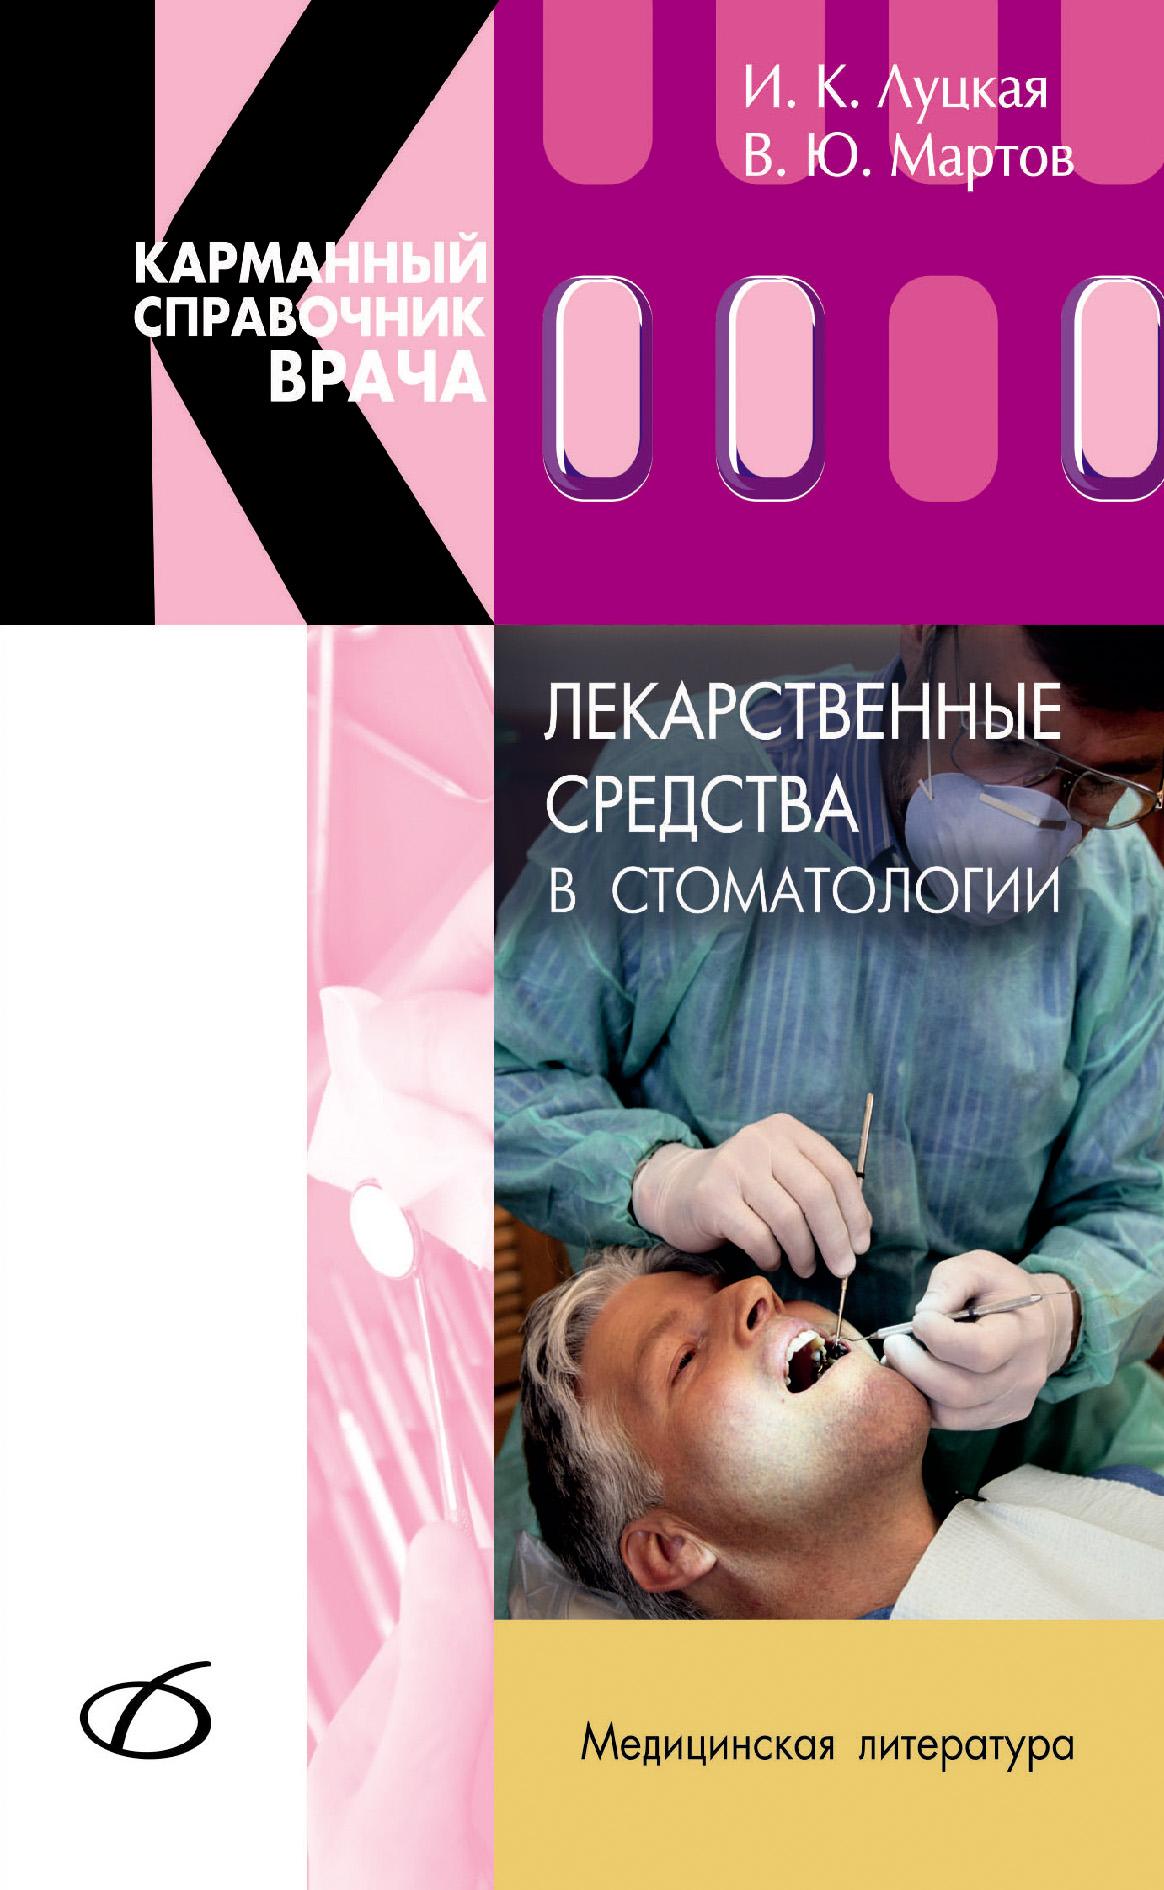 И. К. Луцкая, В. Ю. Мартов «Лекарственные средства в стоматологии»